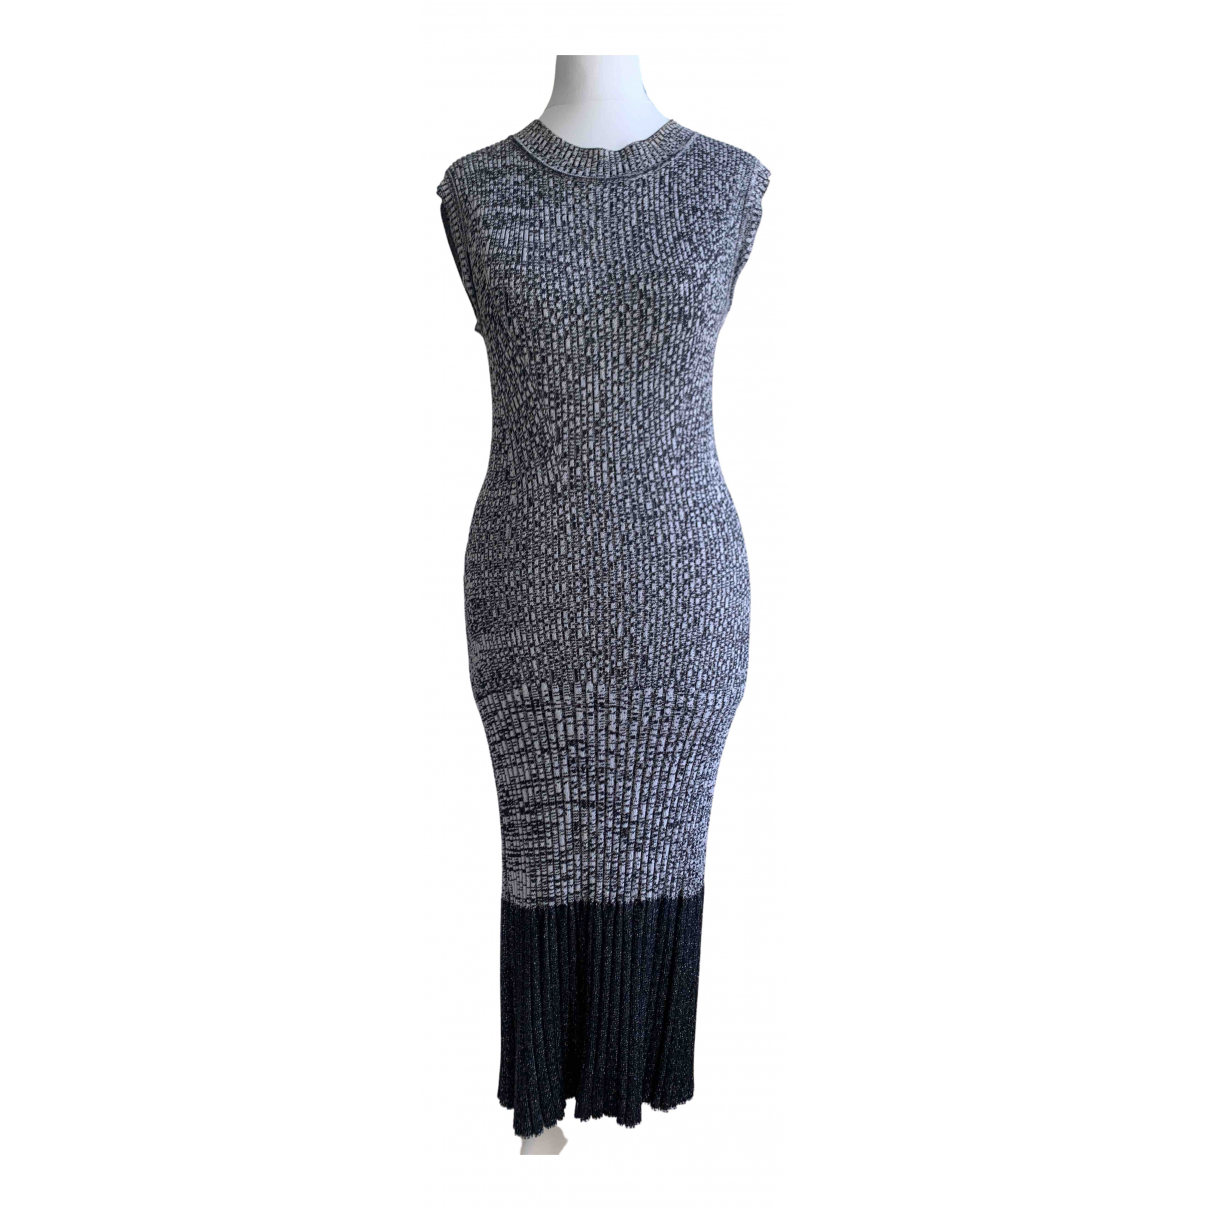 Rachel Comey \N Kleid in  Grau Viskose